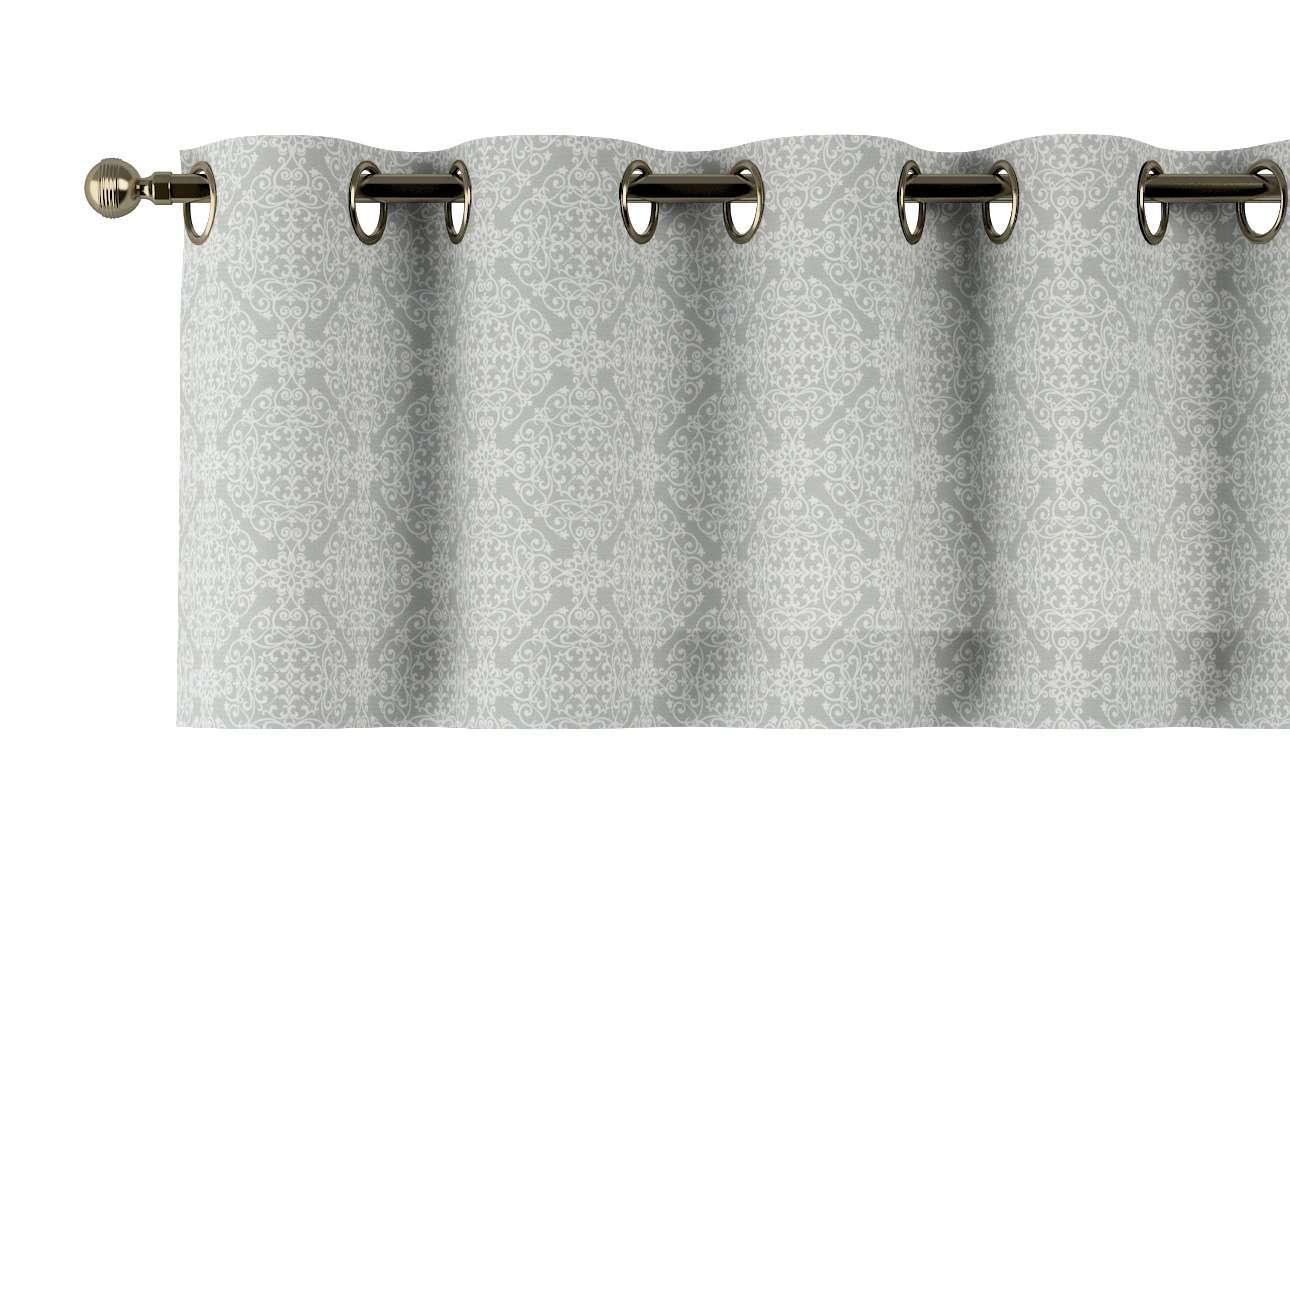 Kurzgardine mit Ösen 130x40cm von der Kollektion Flowers/Luna, Stoff: 140-38